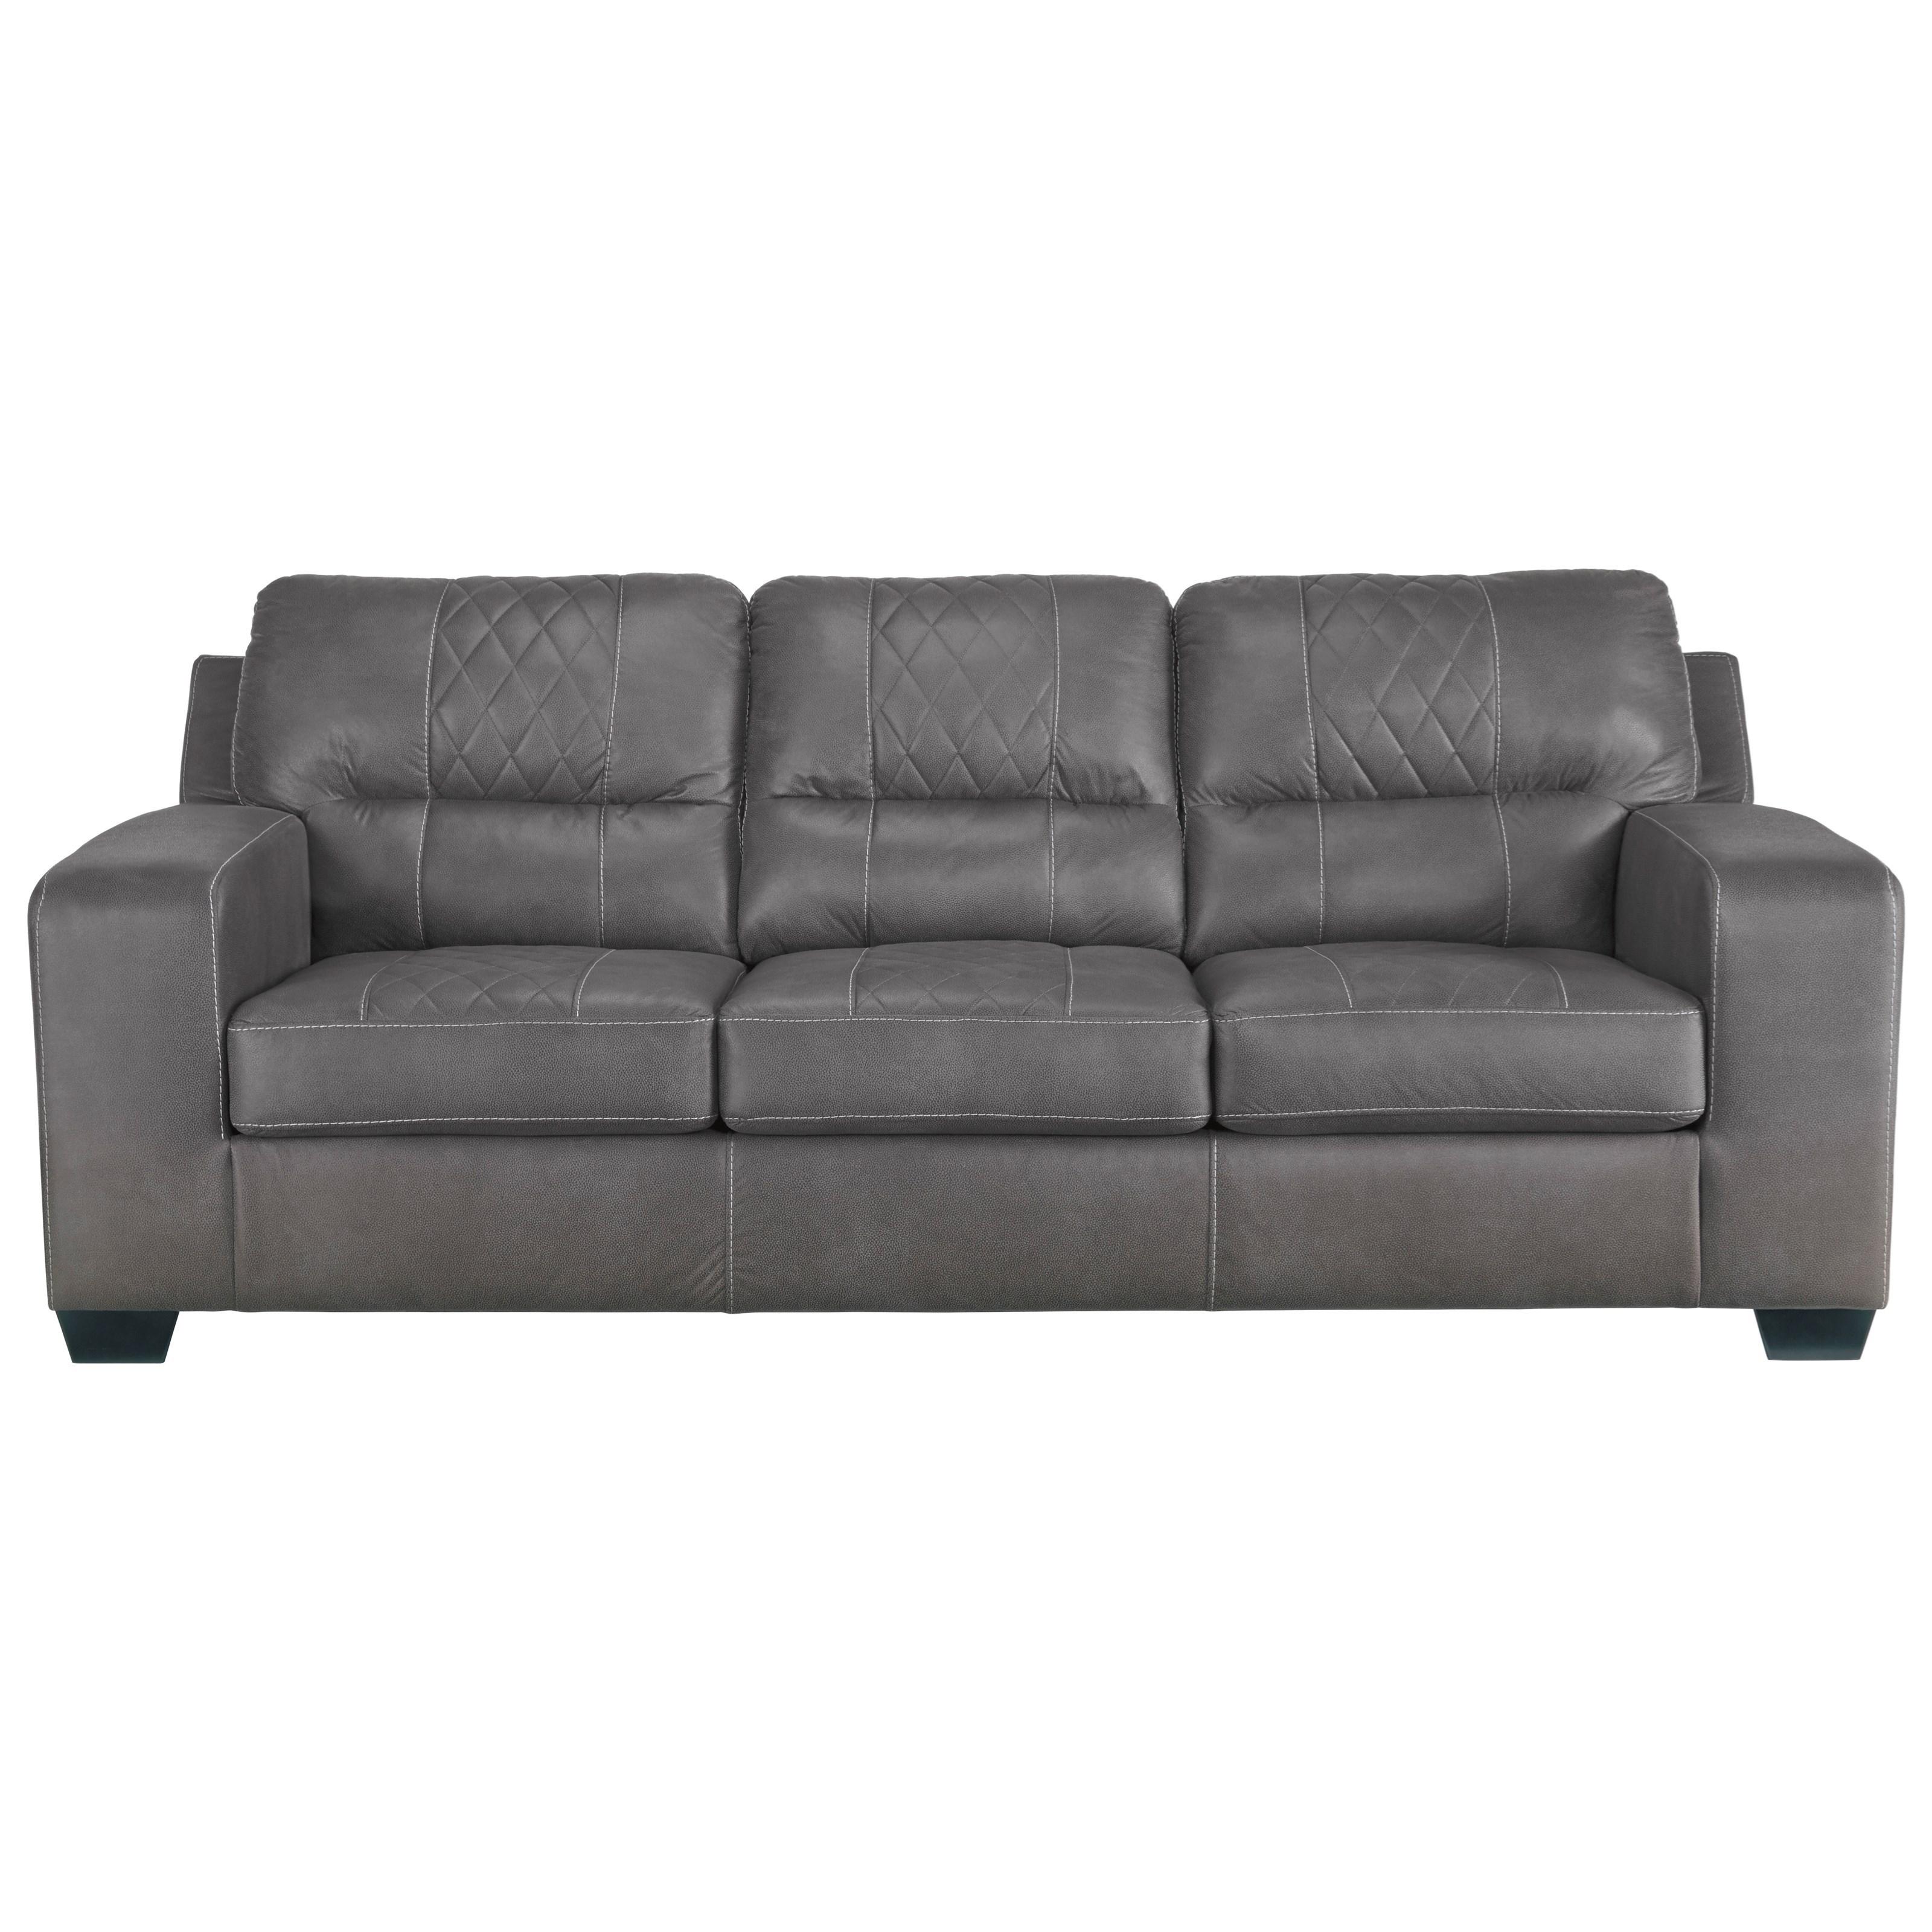 Sofa sleeper with queen memory foam mattress